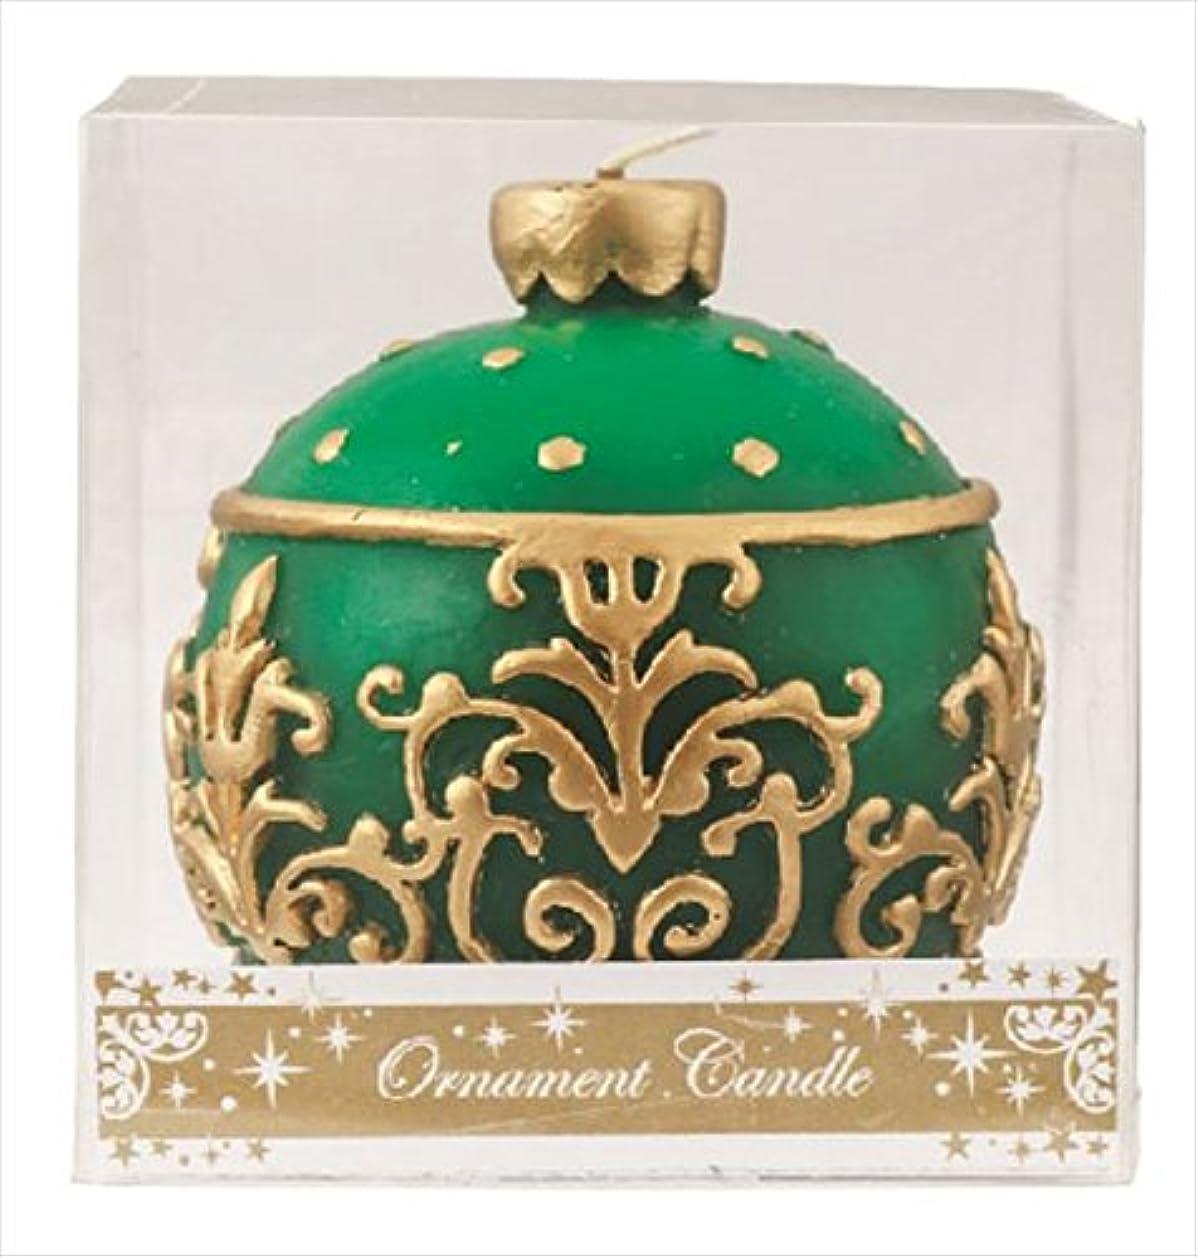 枕ストライプ抵抗力があるカメヤマキャンドル(kameyama candle) オーナメントキャンドル 「 グリーン 」